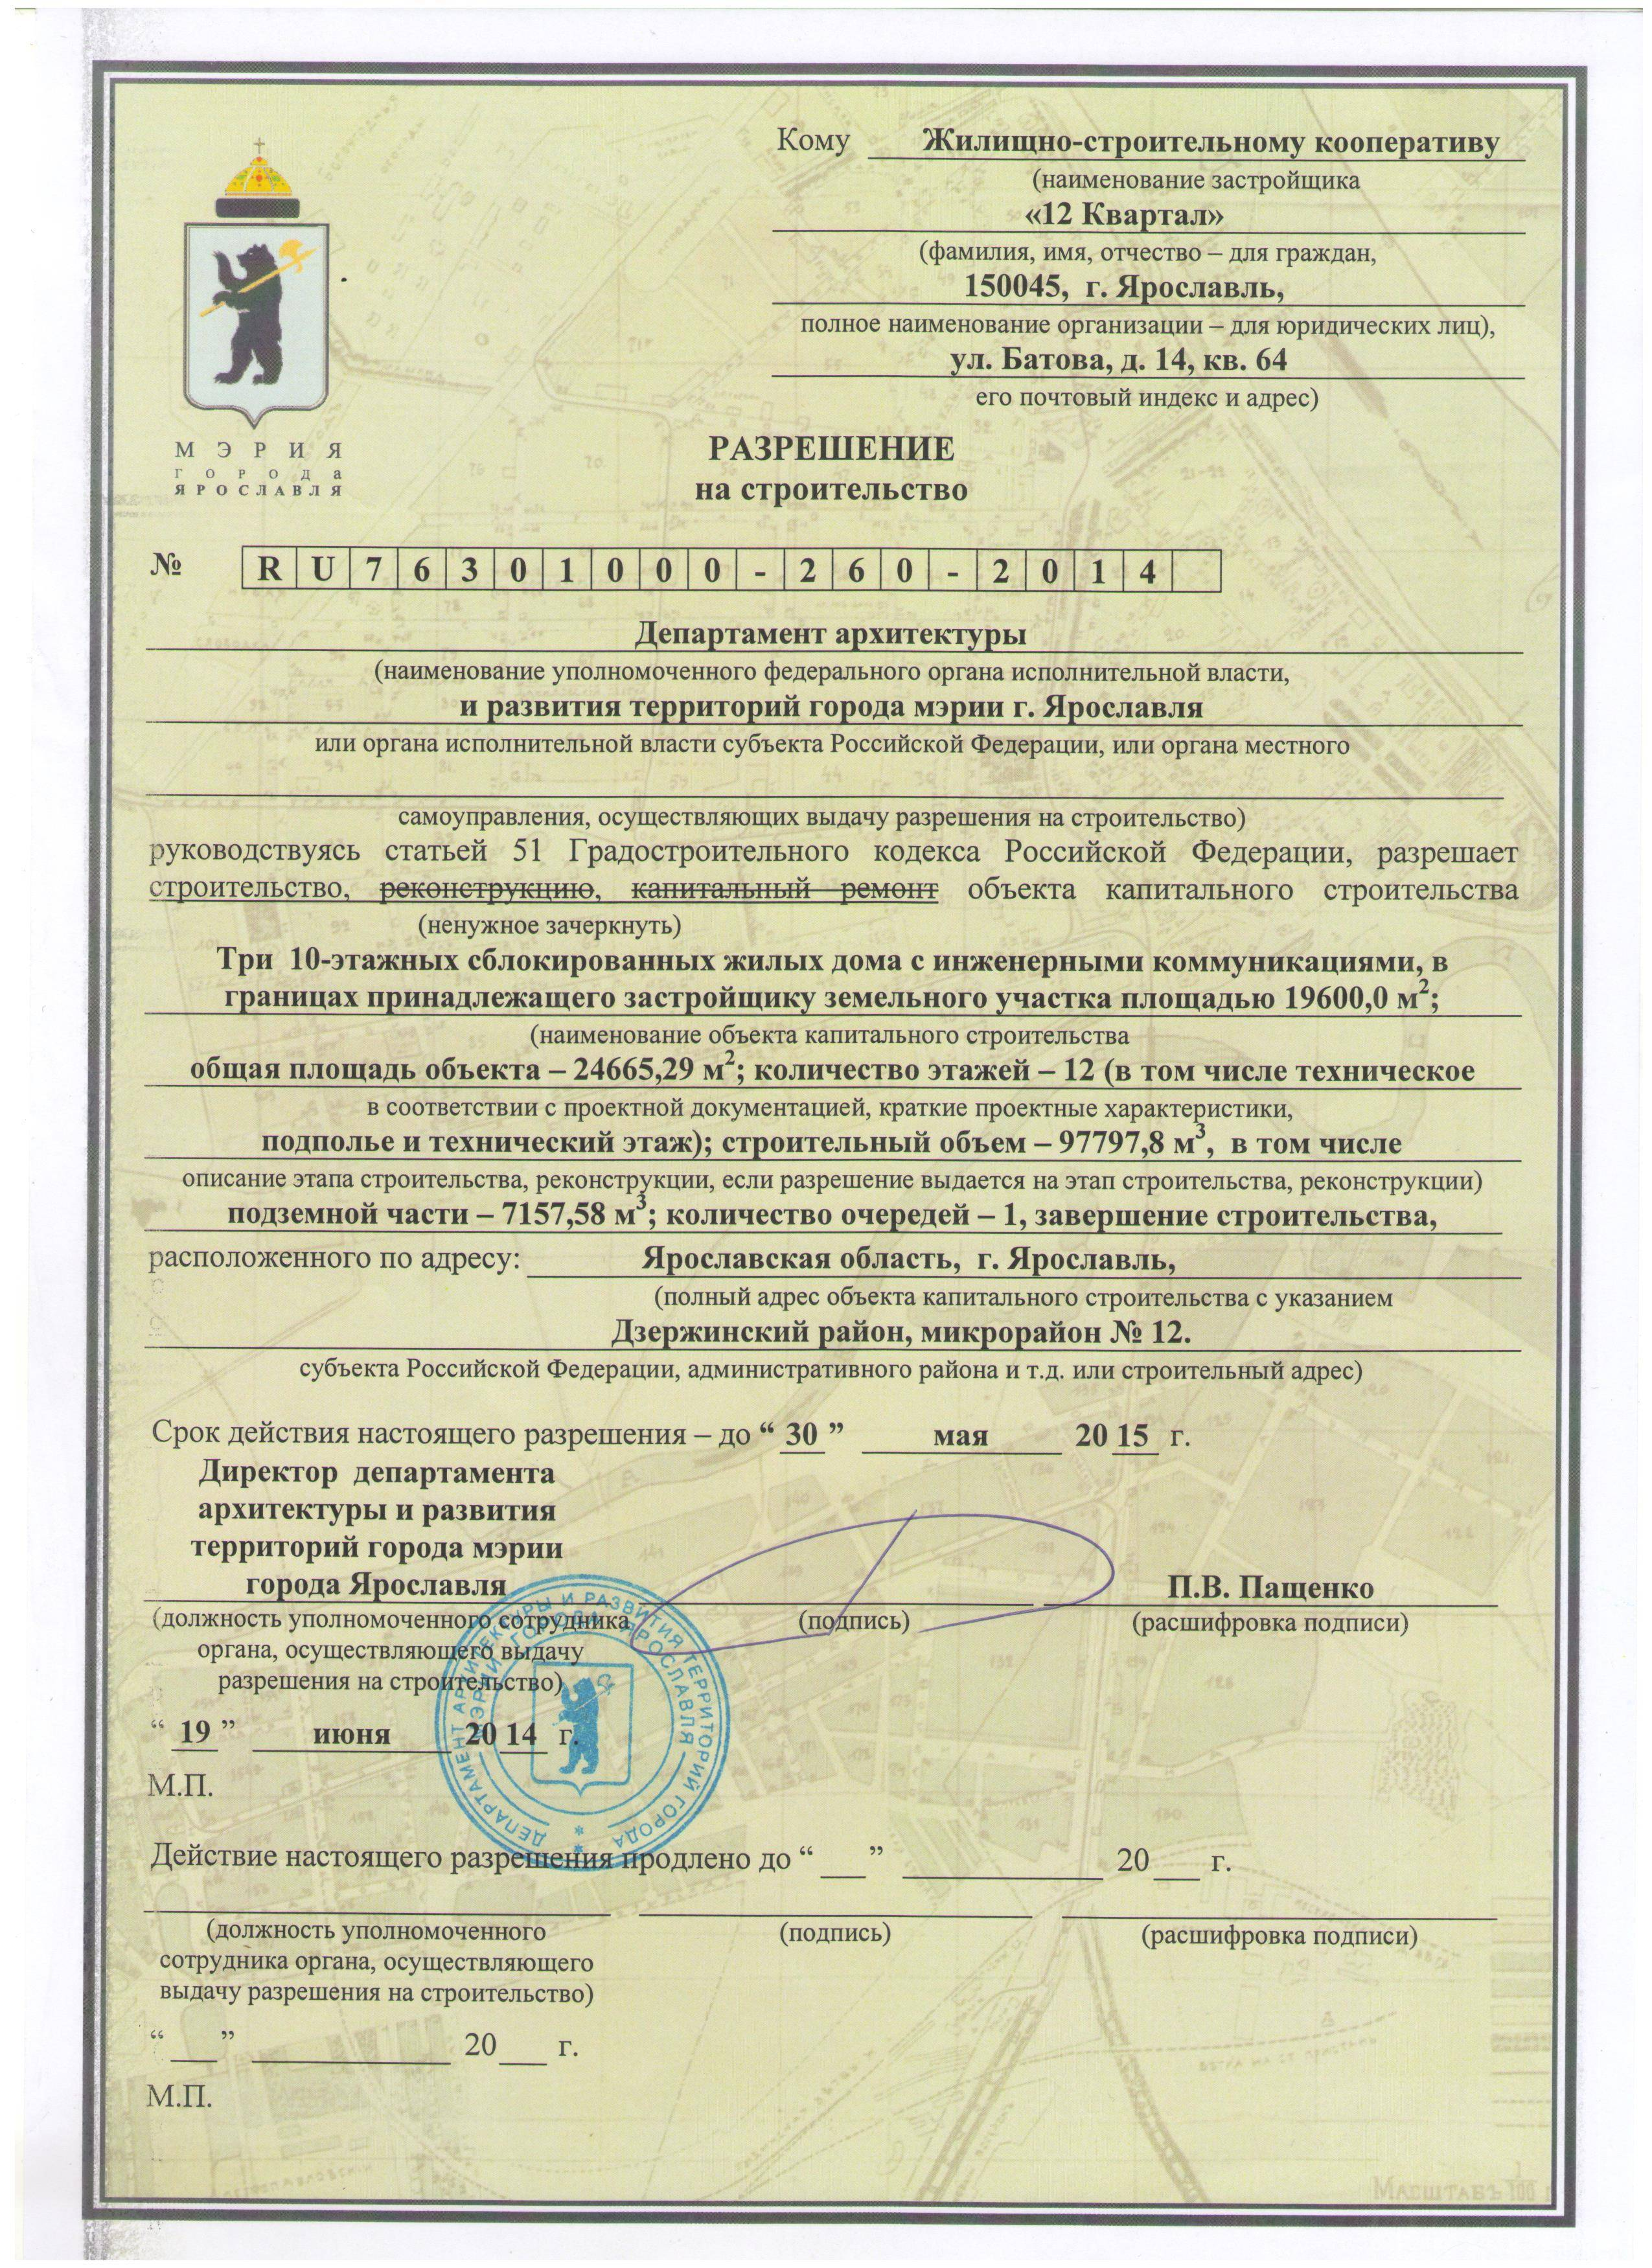 Разрешение на строительство: пошаговая инструкция по оформлению документов